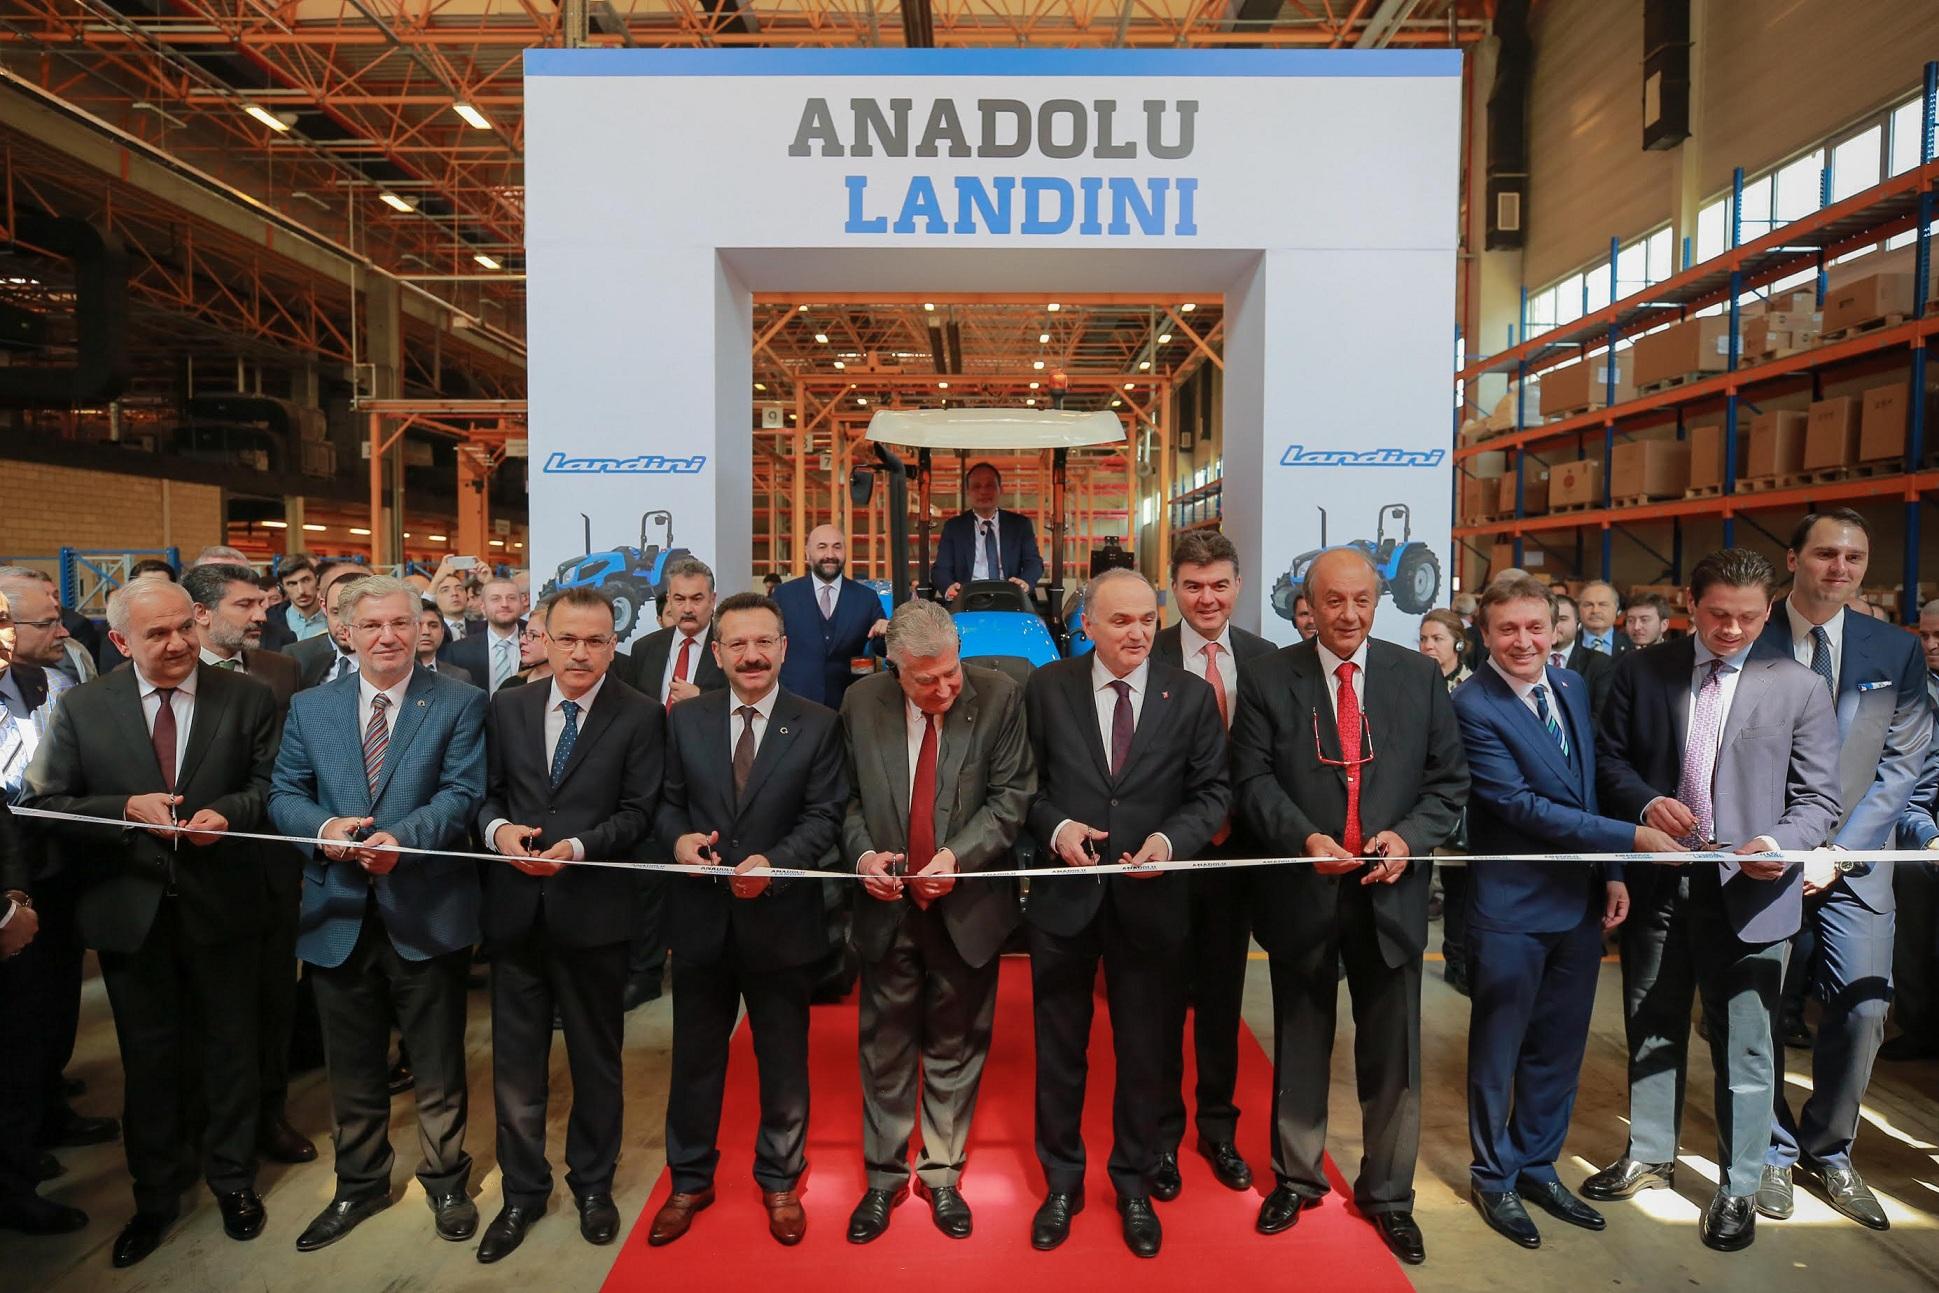 Anadolu-Landini